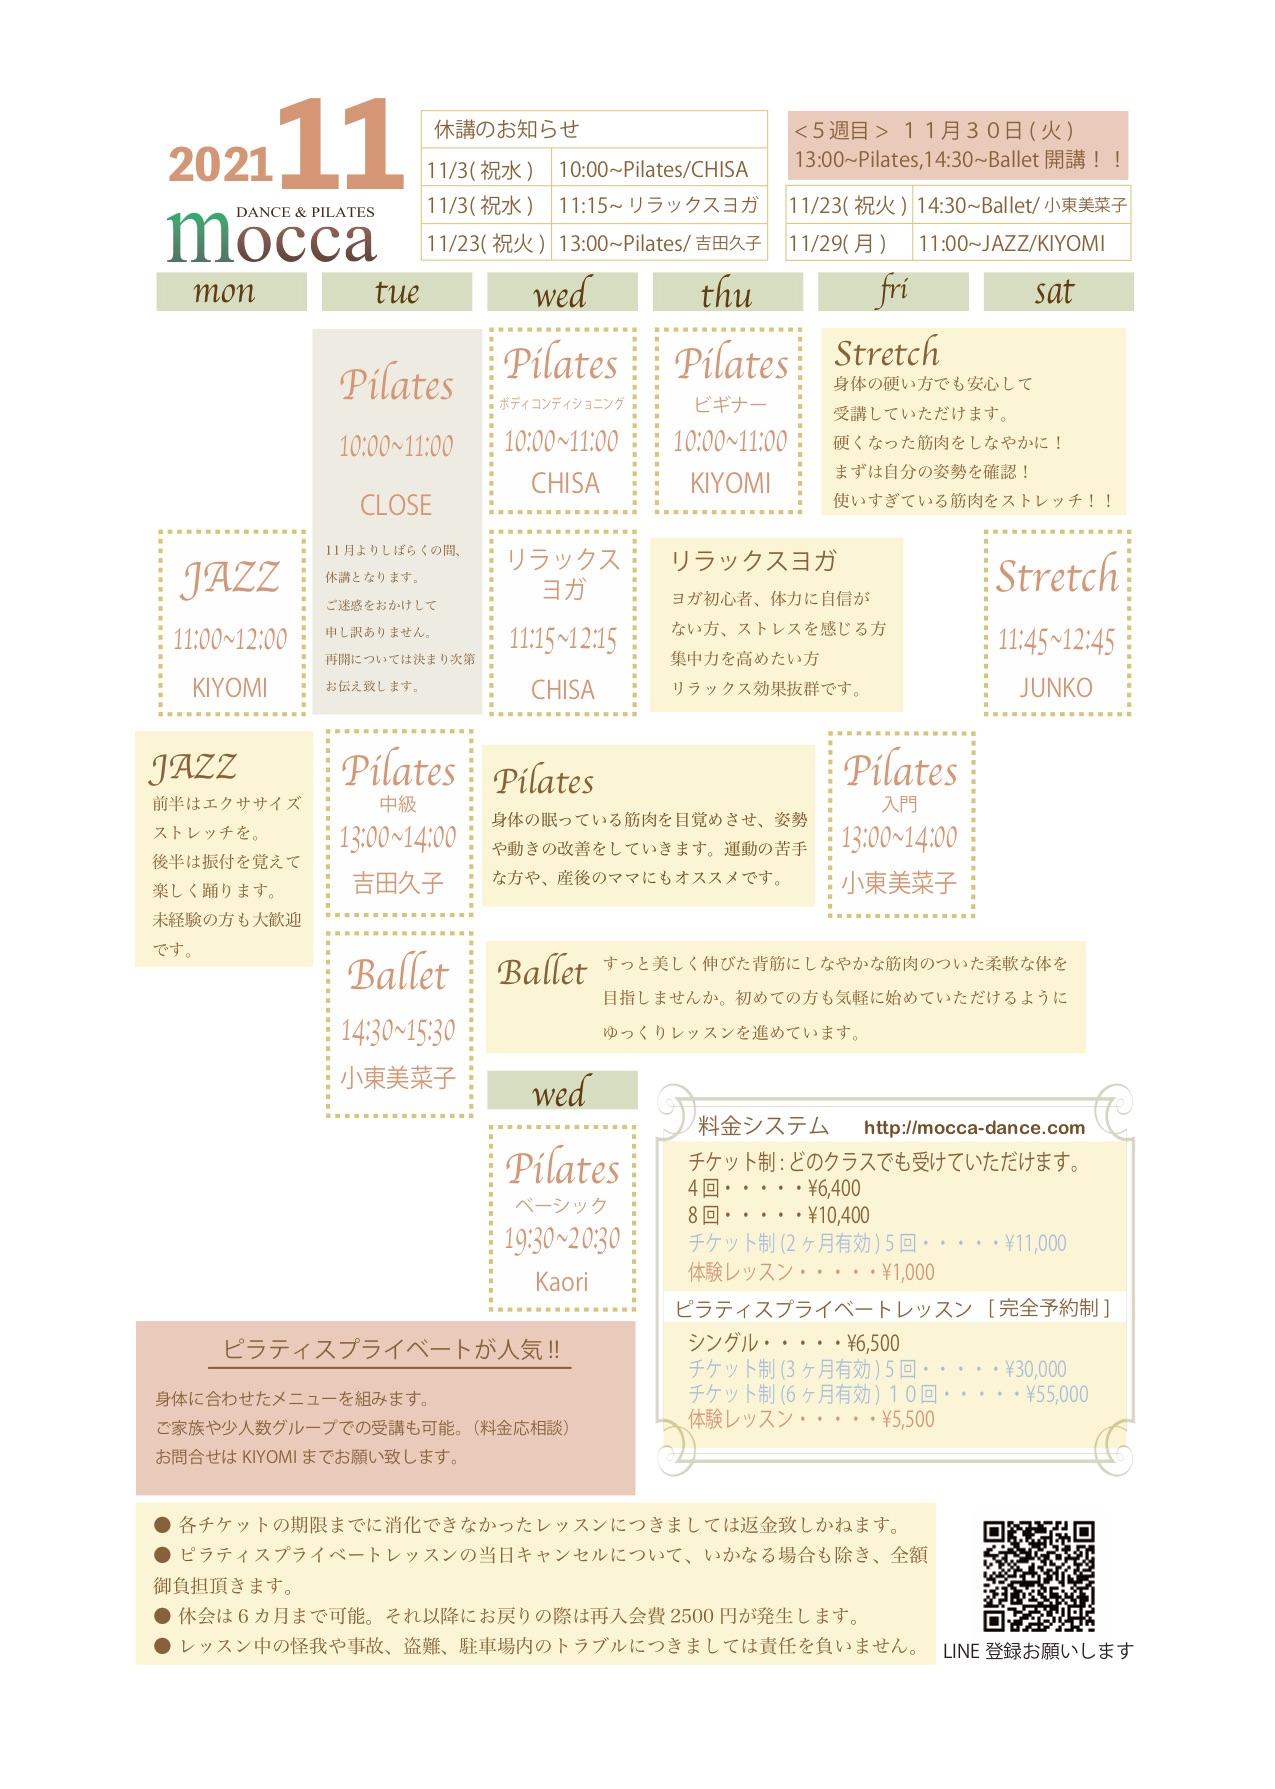 http://mocca-dance.com/otona-11.pdf%20%281%29%E3%81%AE%E3%82%B3%E3%83%92%E3%82%9A%E3%83%BC.jpg